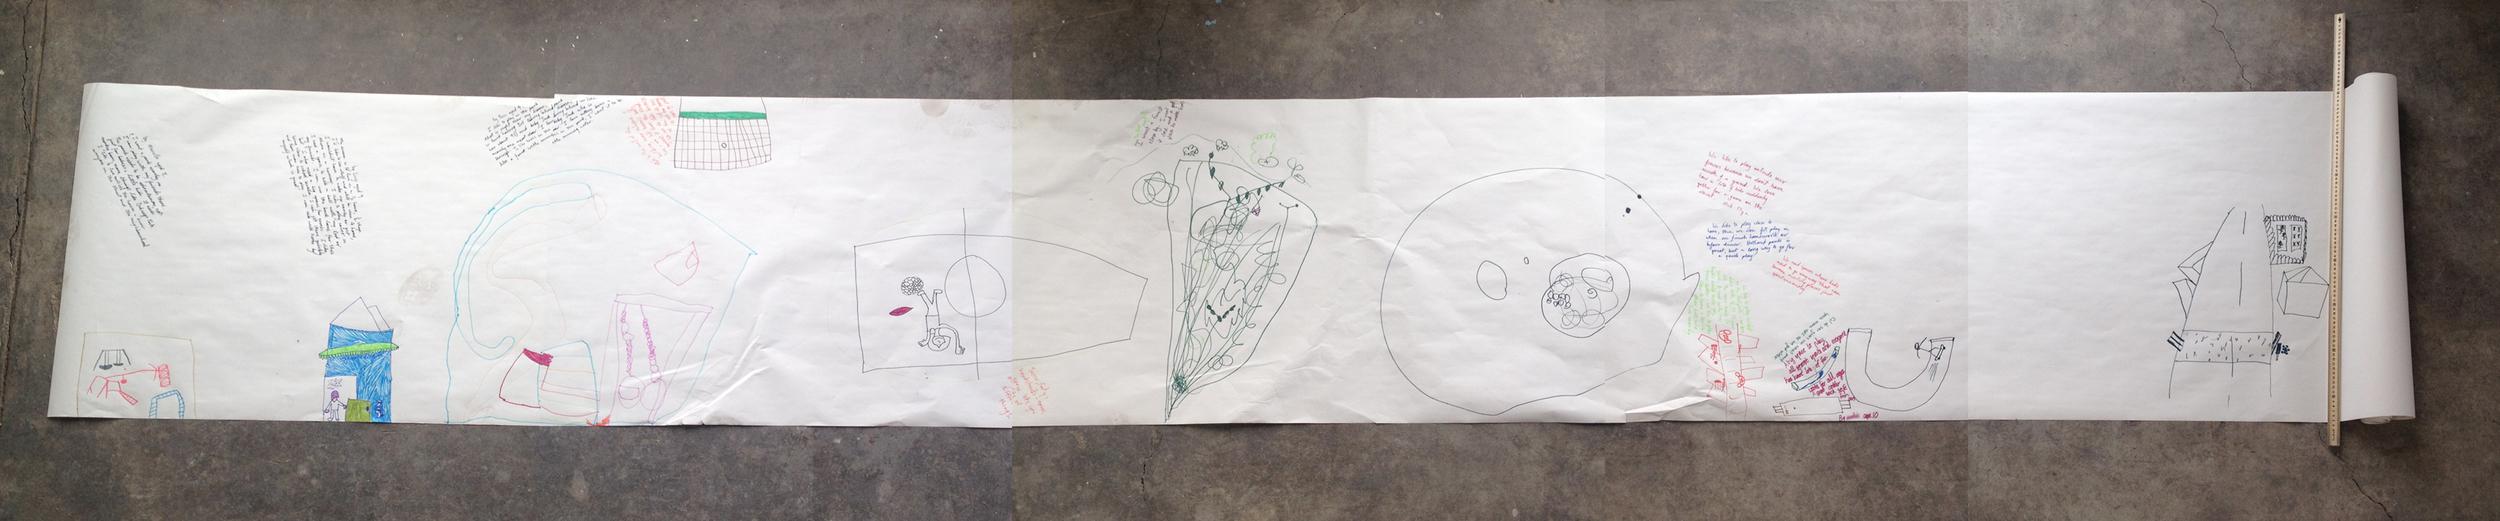 Urban ideas from the neighbourhood kids of Kensington